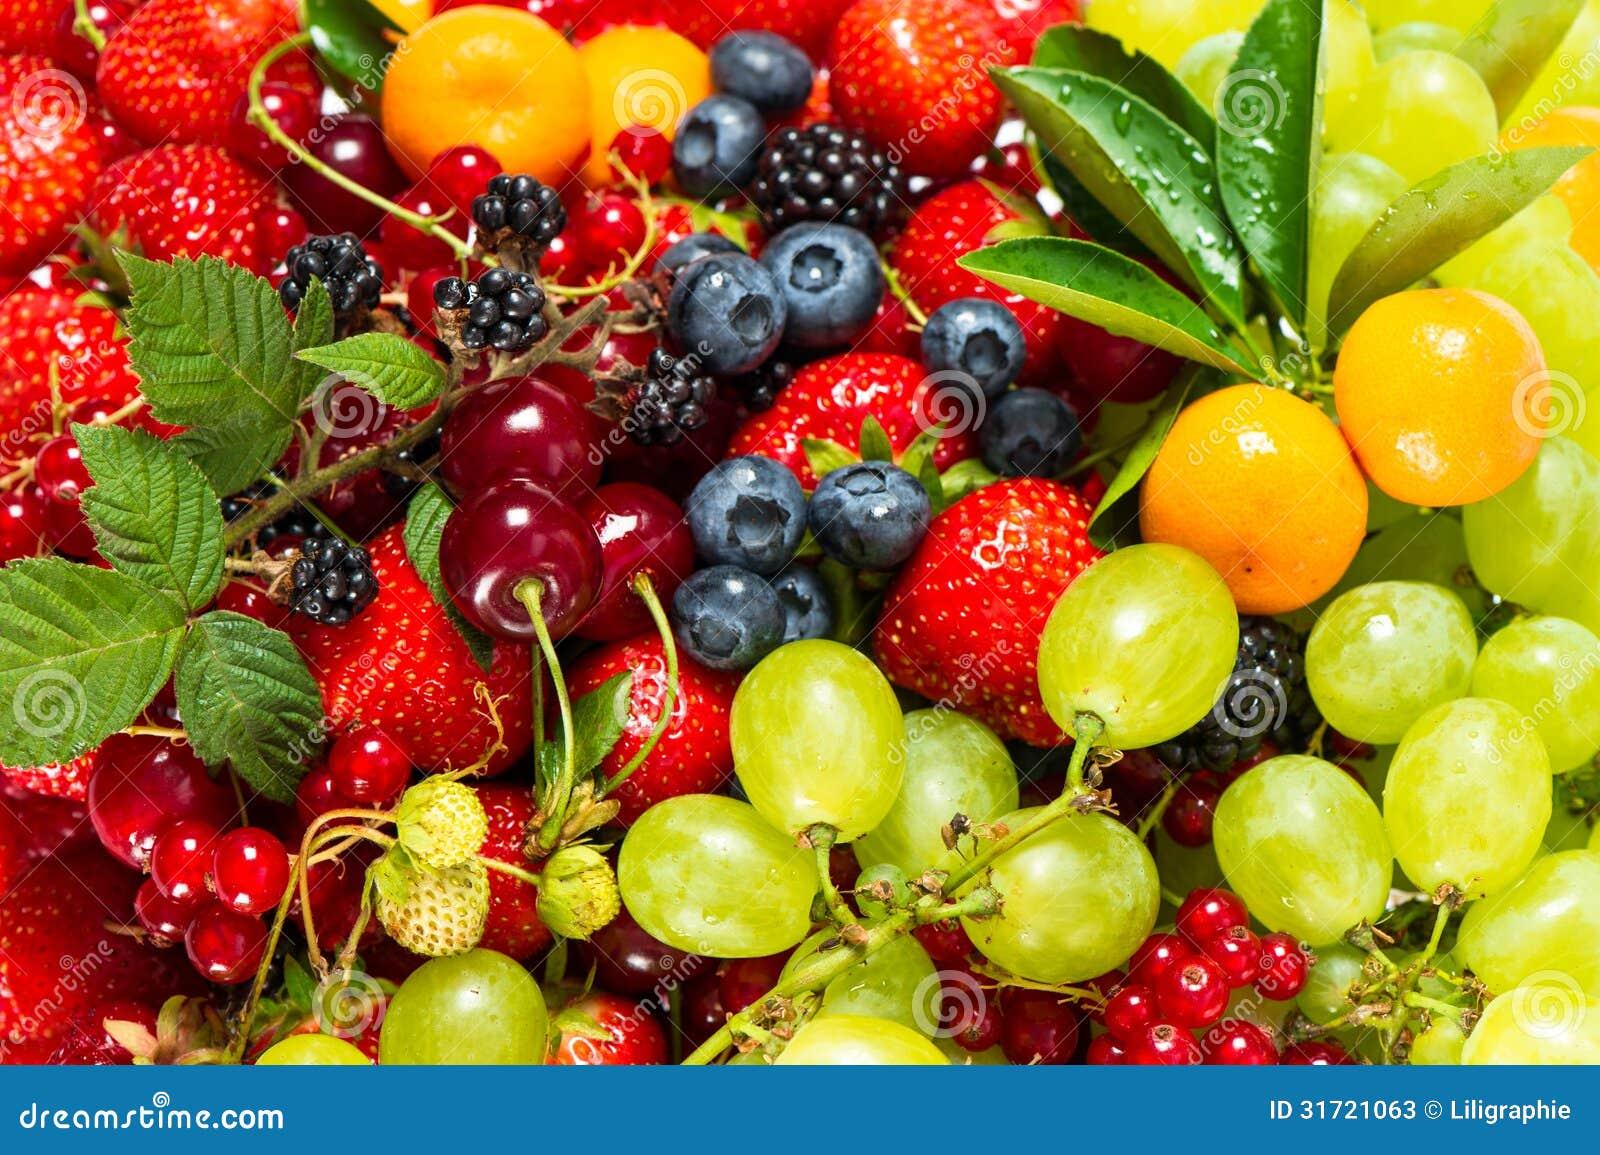 新鲜水果和莓果的混合。未加工的食品成分